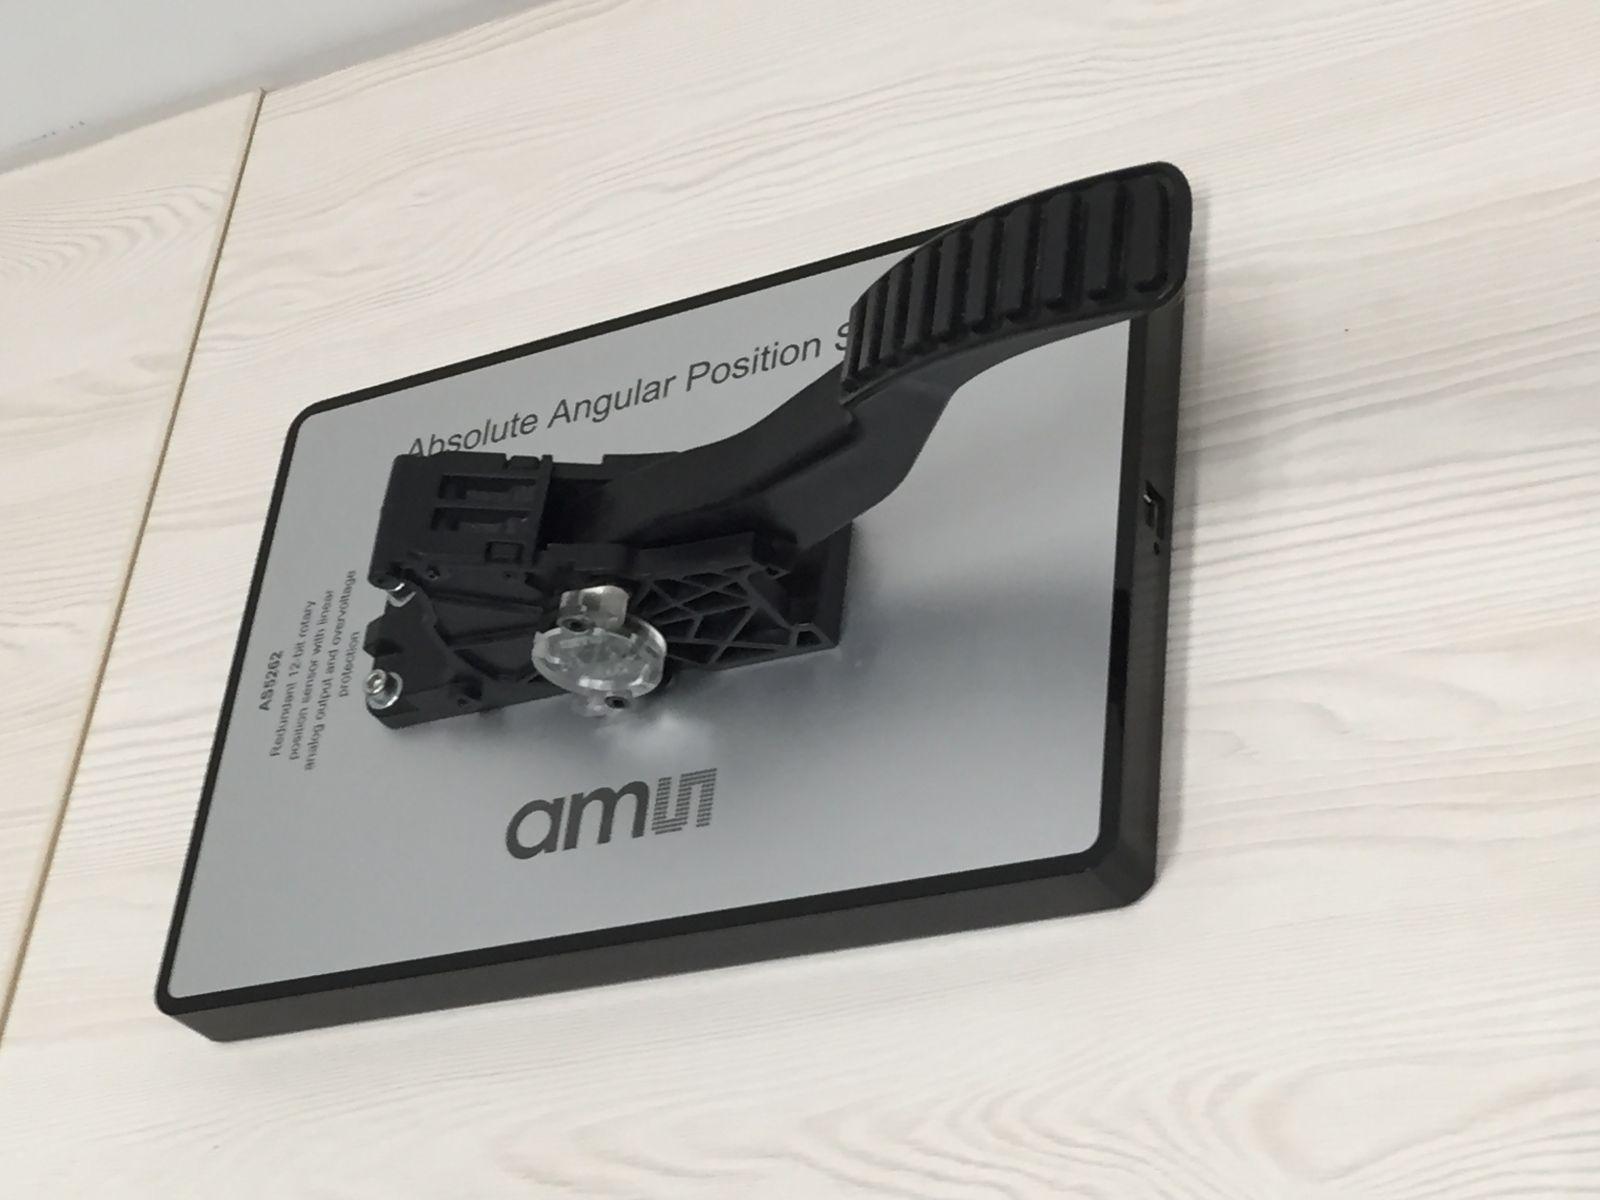 ams的位置传感器应用于汽车油门踏板